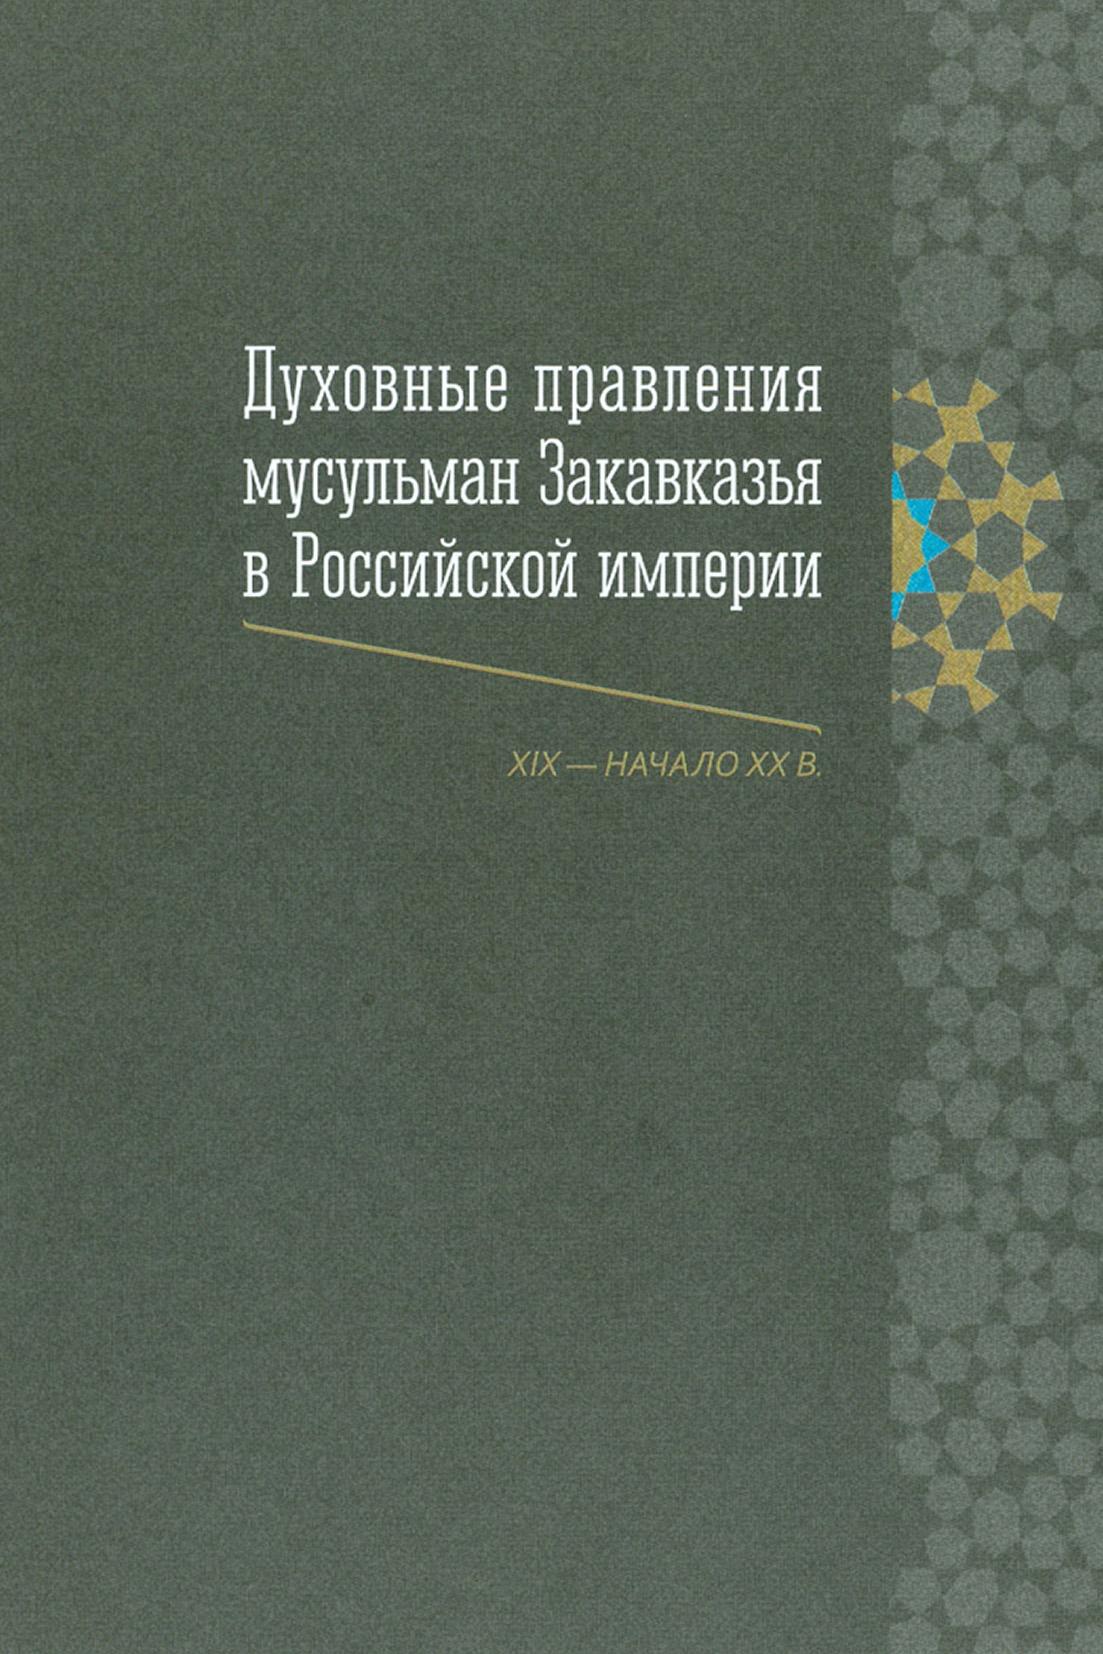 Духовные правления мусульман Закавказья в Российской империи (XIX – начало ХХ в.)